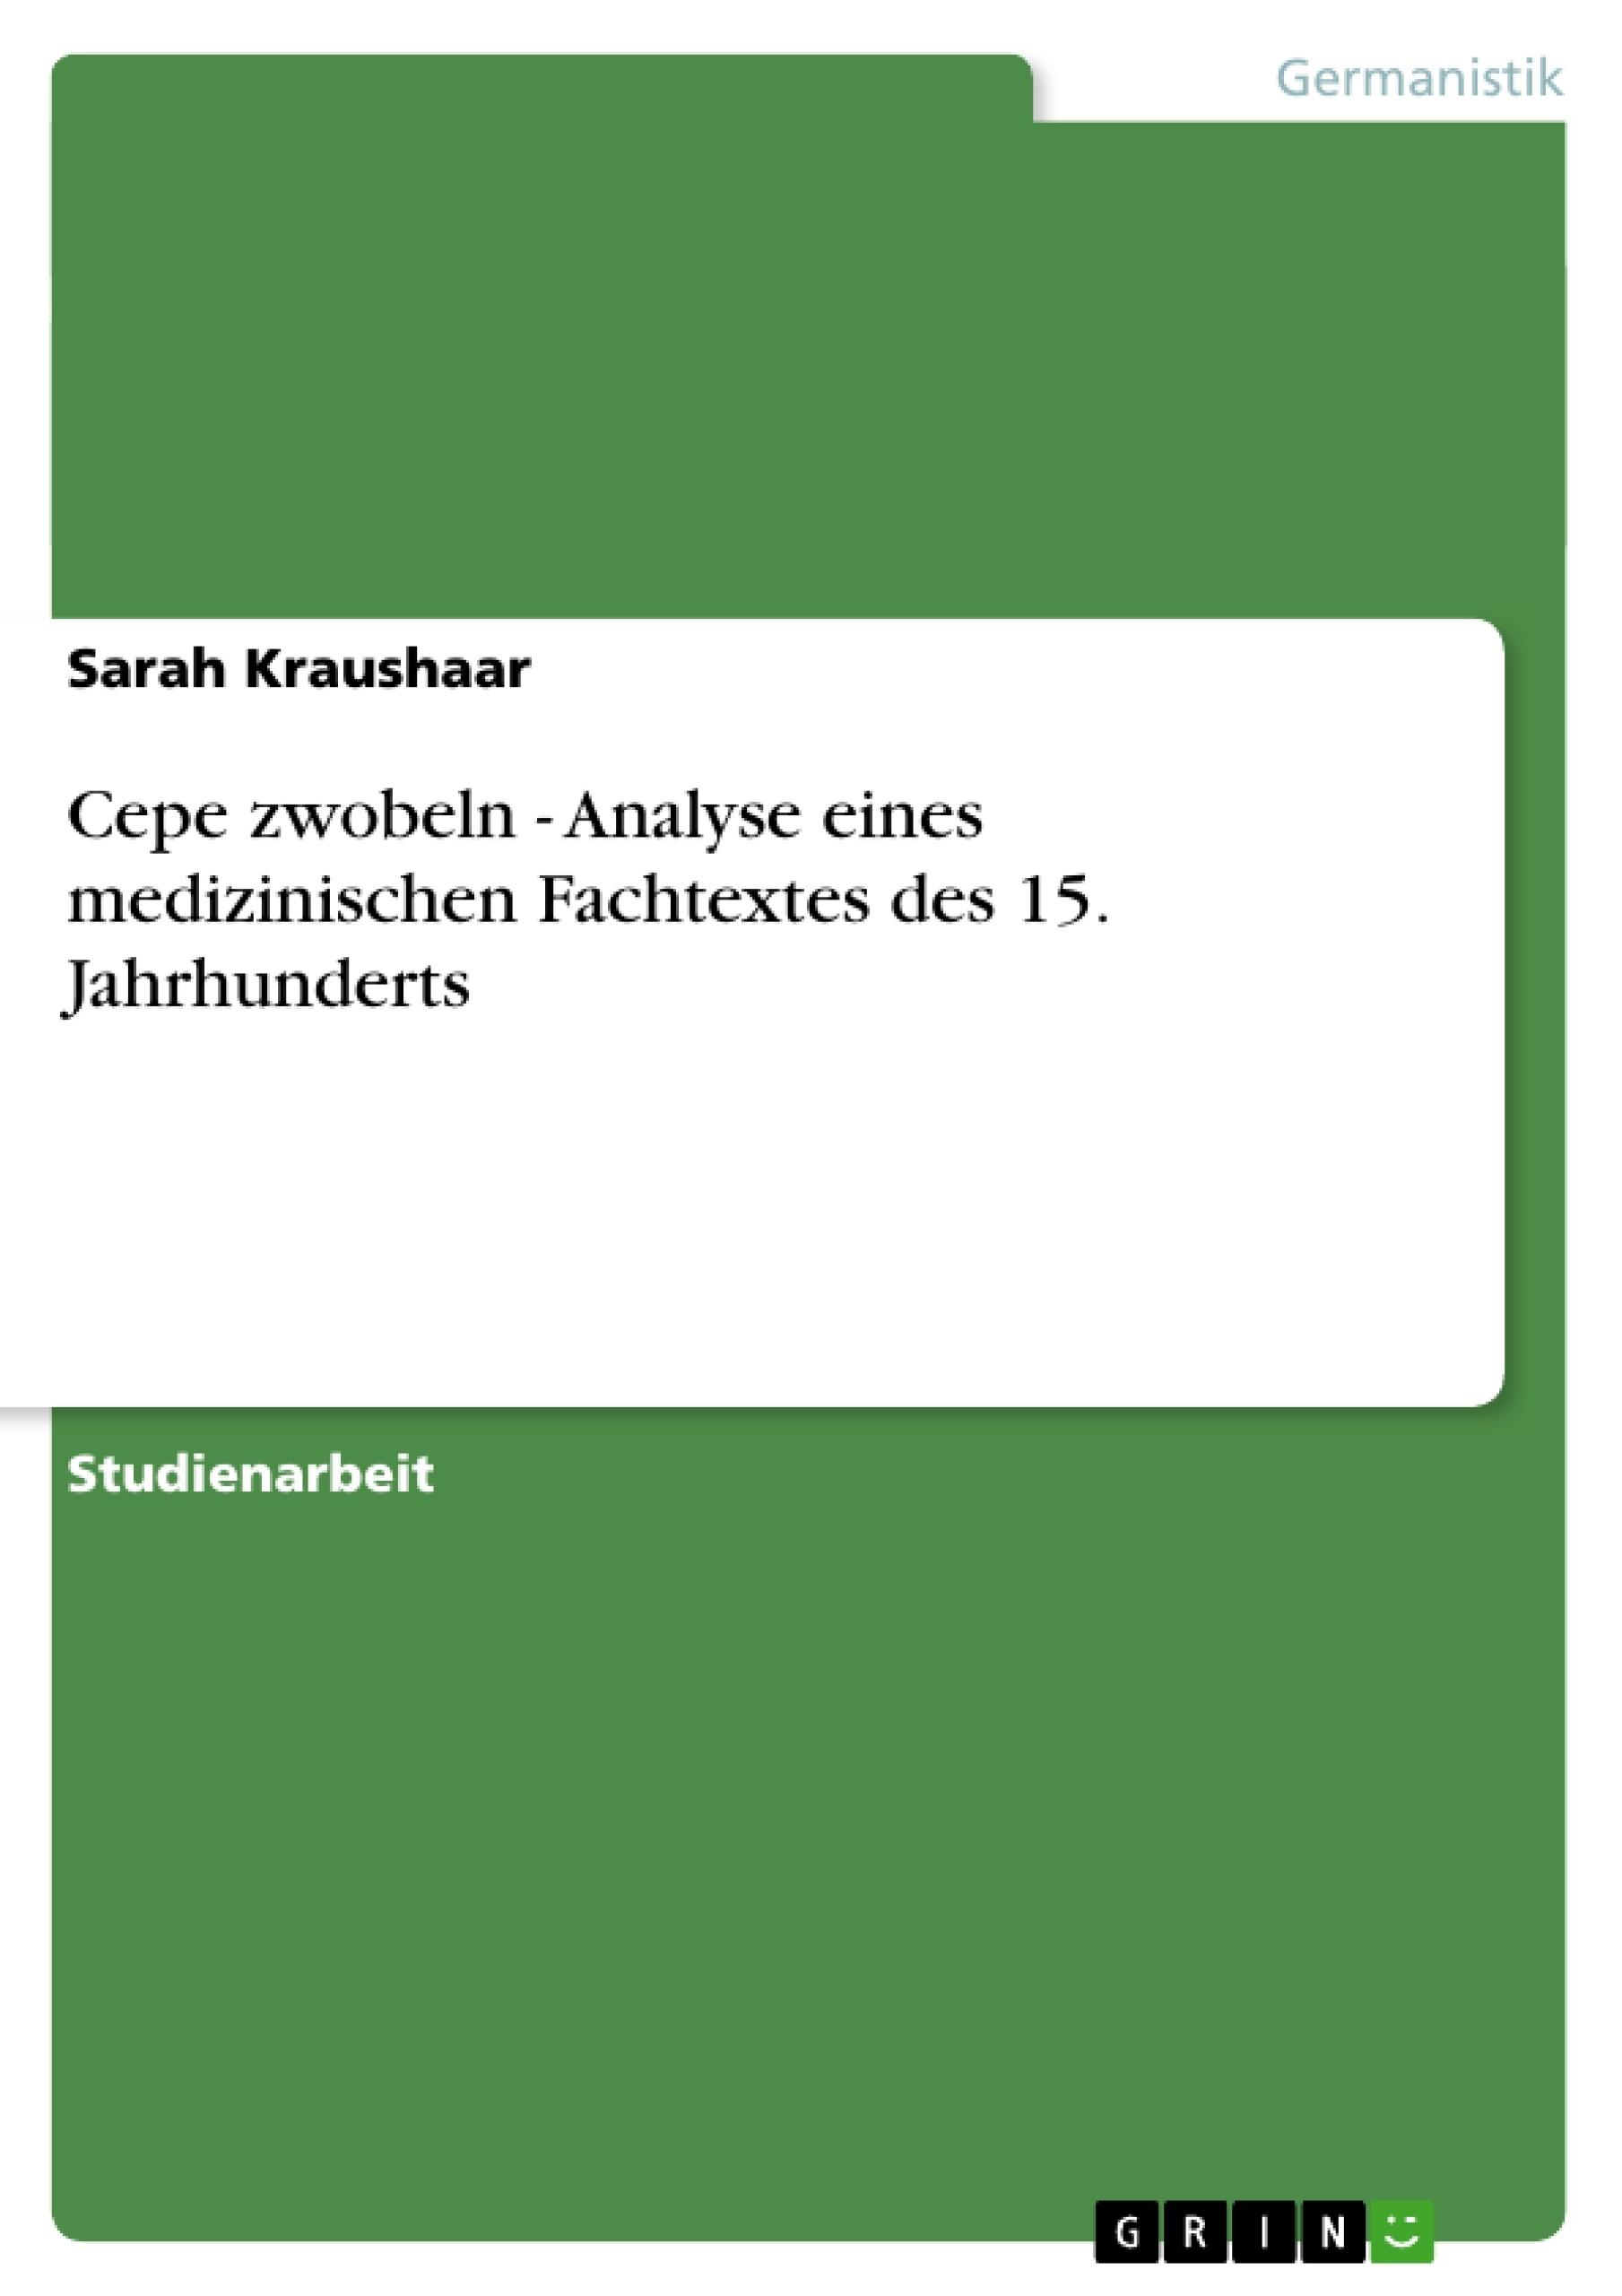 Titel: Cepe zwobeln - Analyse eines medizinischen Fachtextes des 15. Jahrhunderts